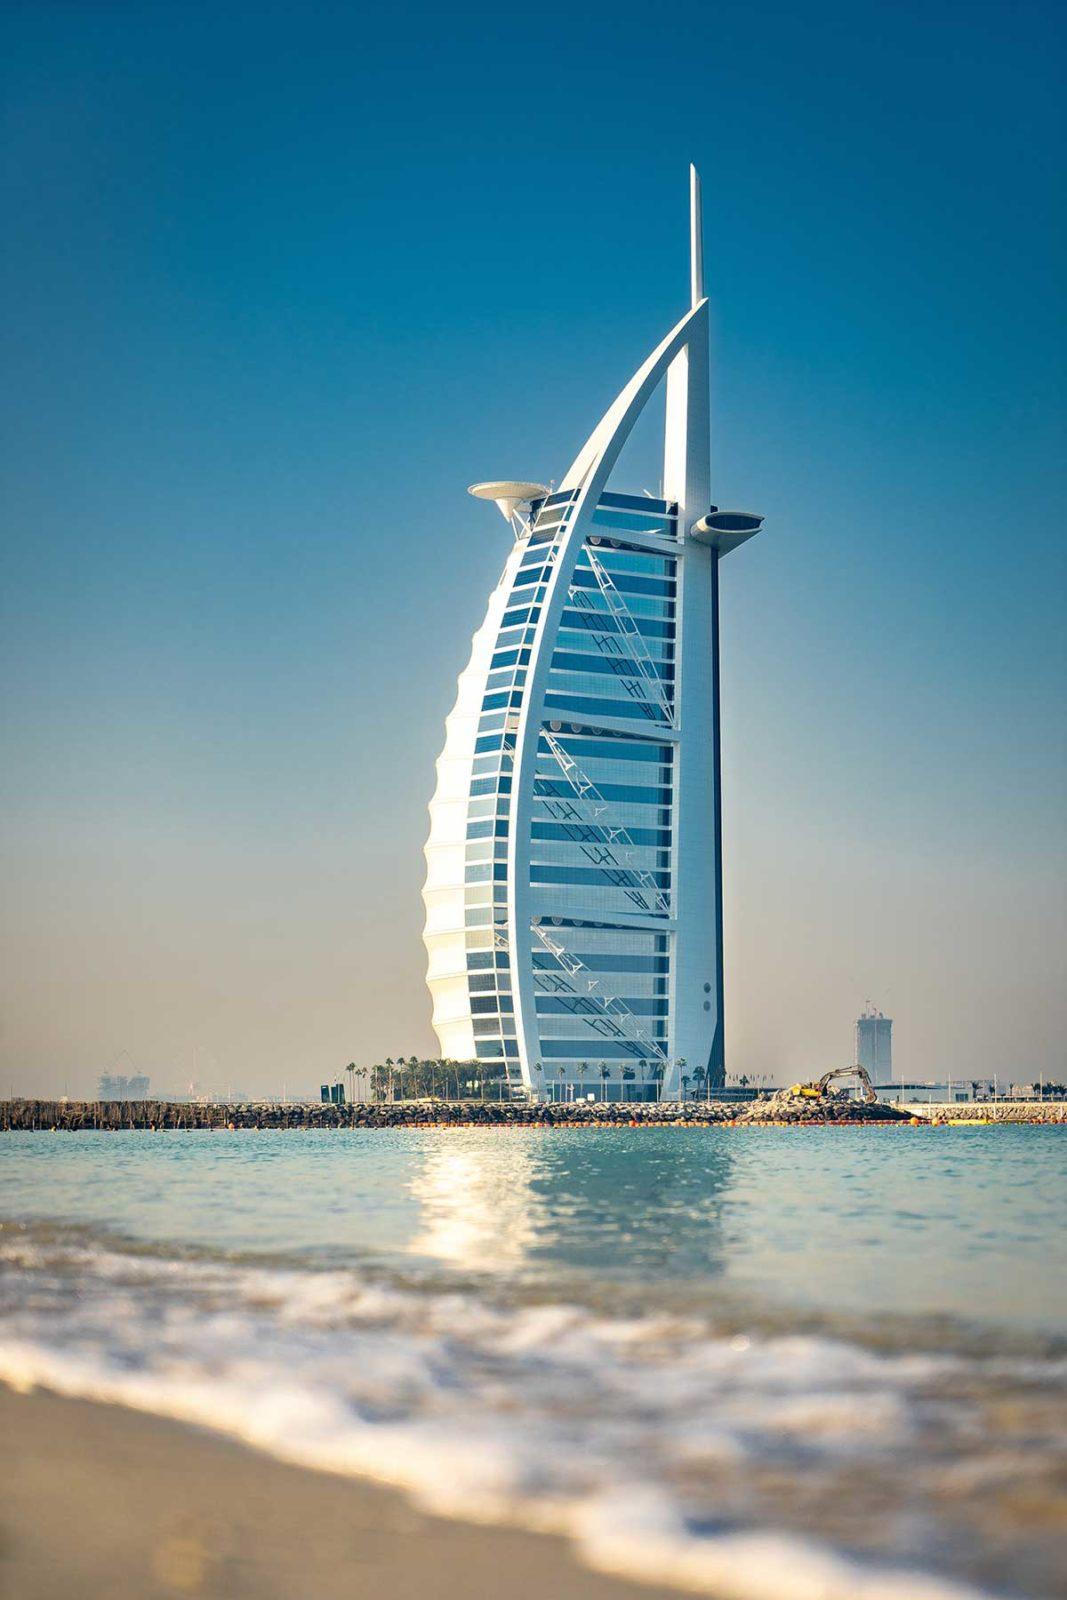 Burj Al Arab Jumeirah, Дубай, Объединенные Арабские Эмираты